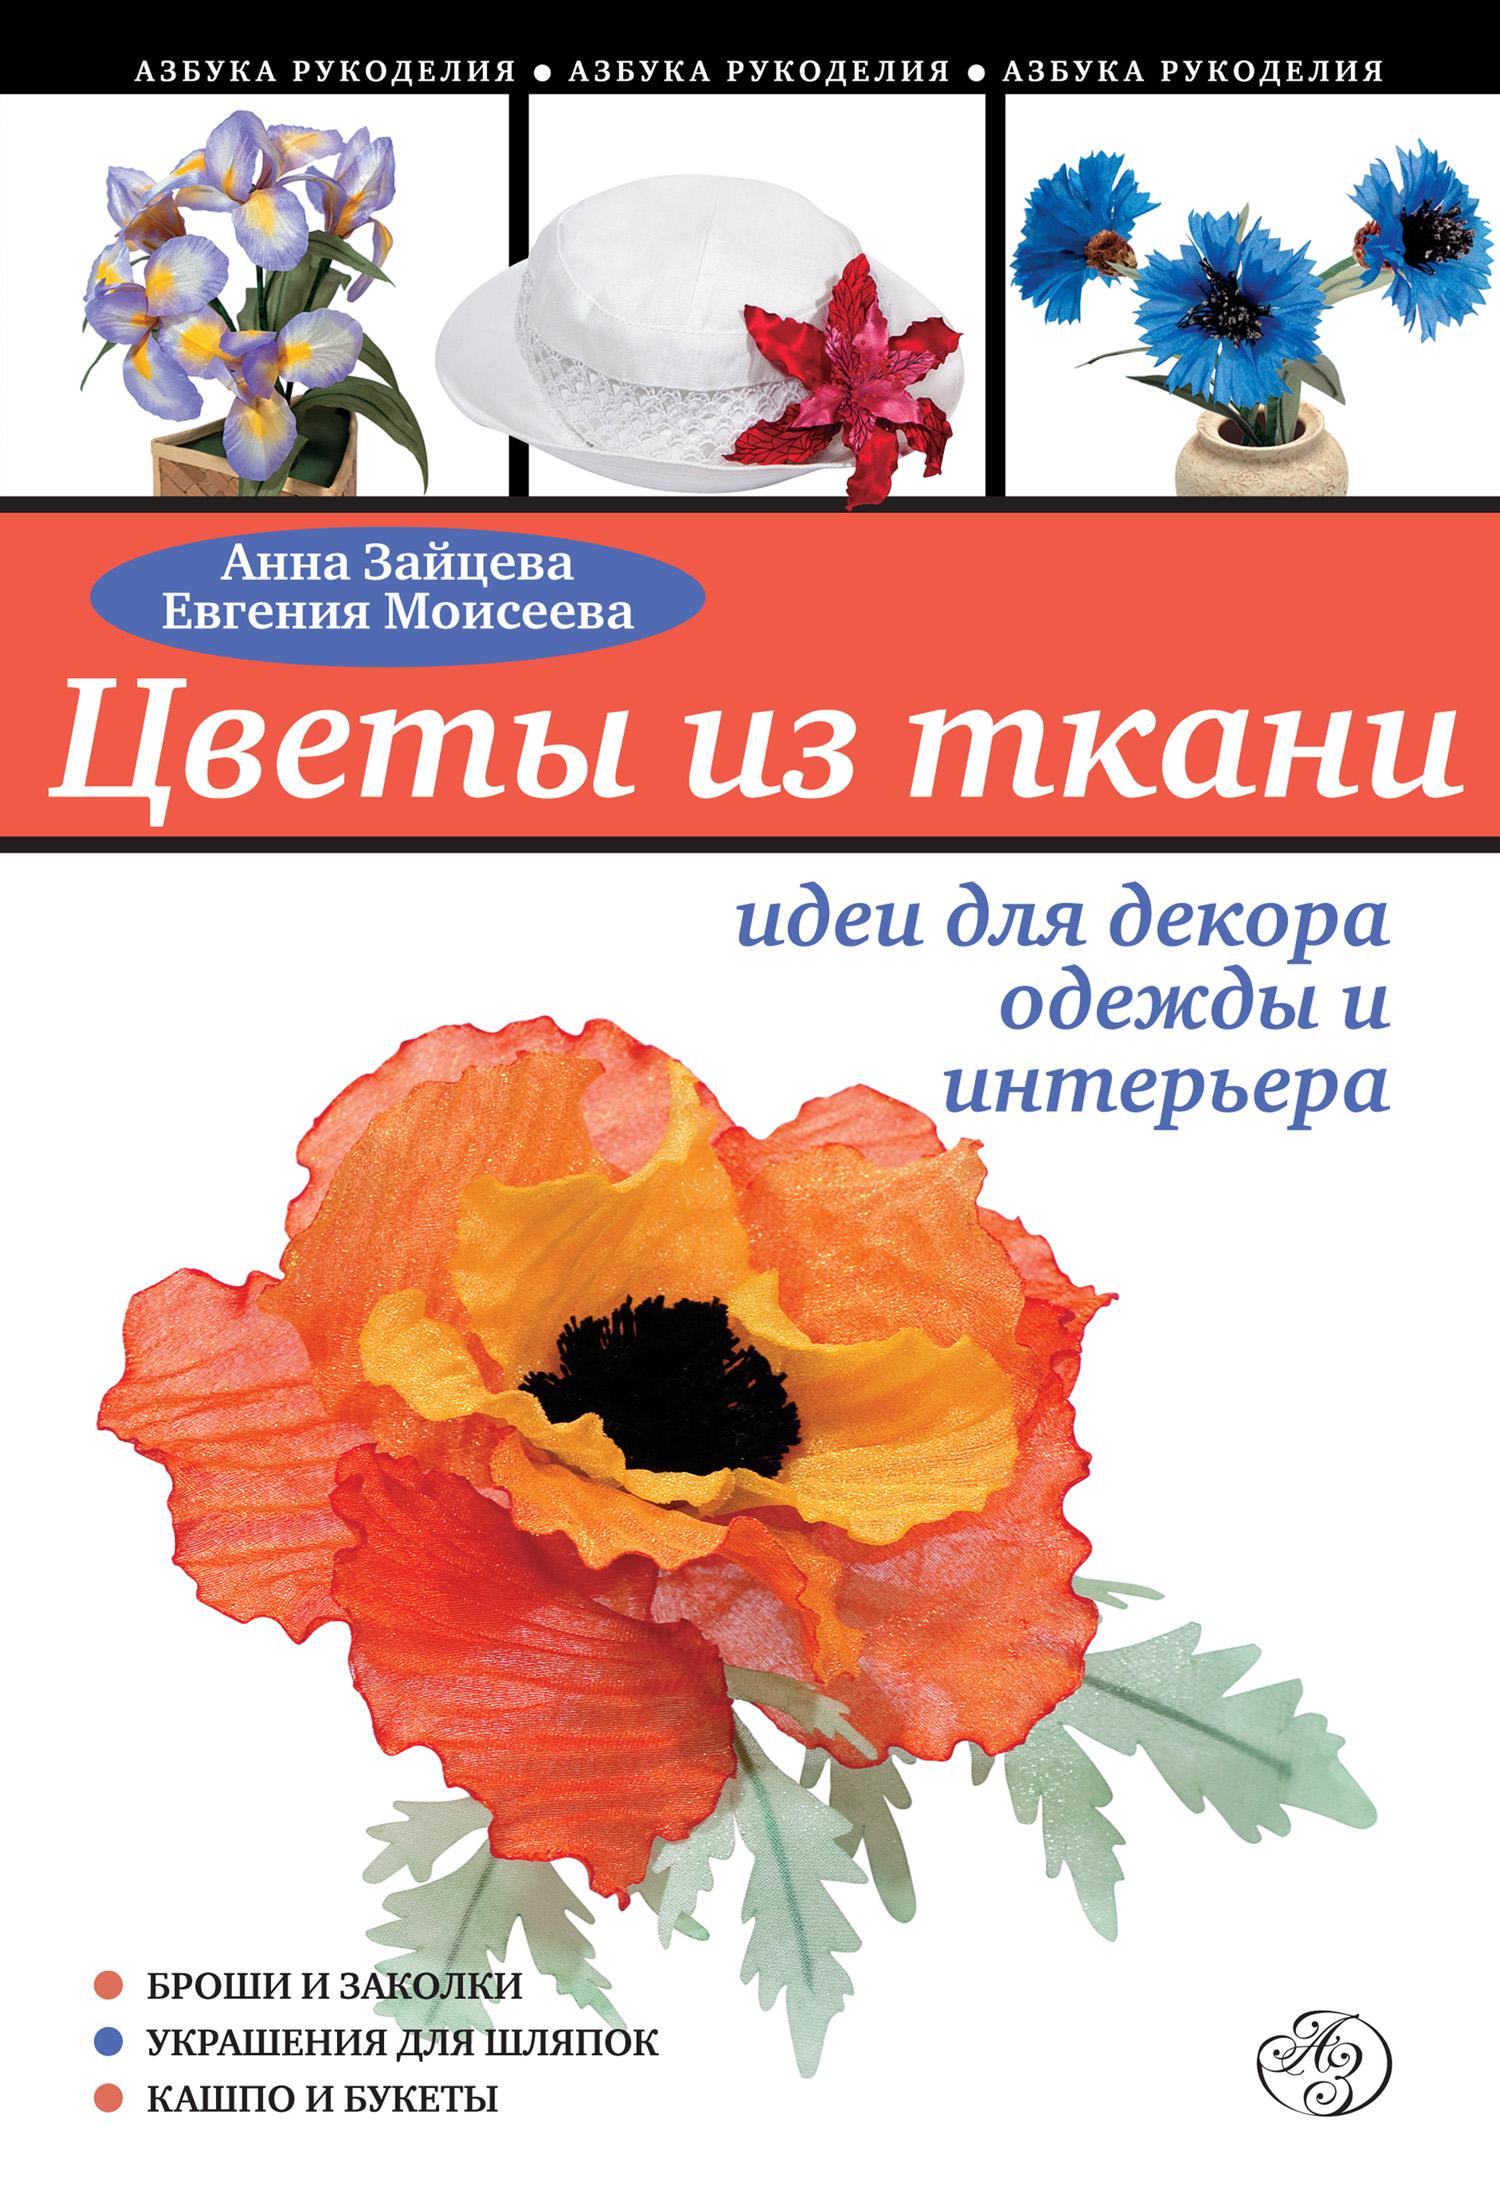 Анна Зайцева Цветы из ткани: идеи для декора одежды и интерьера